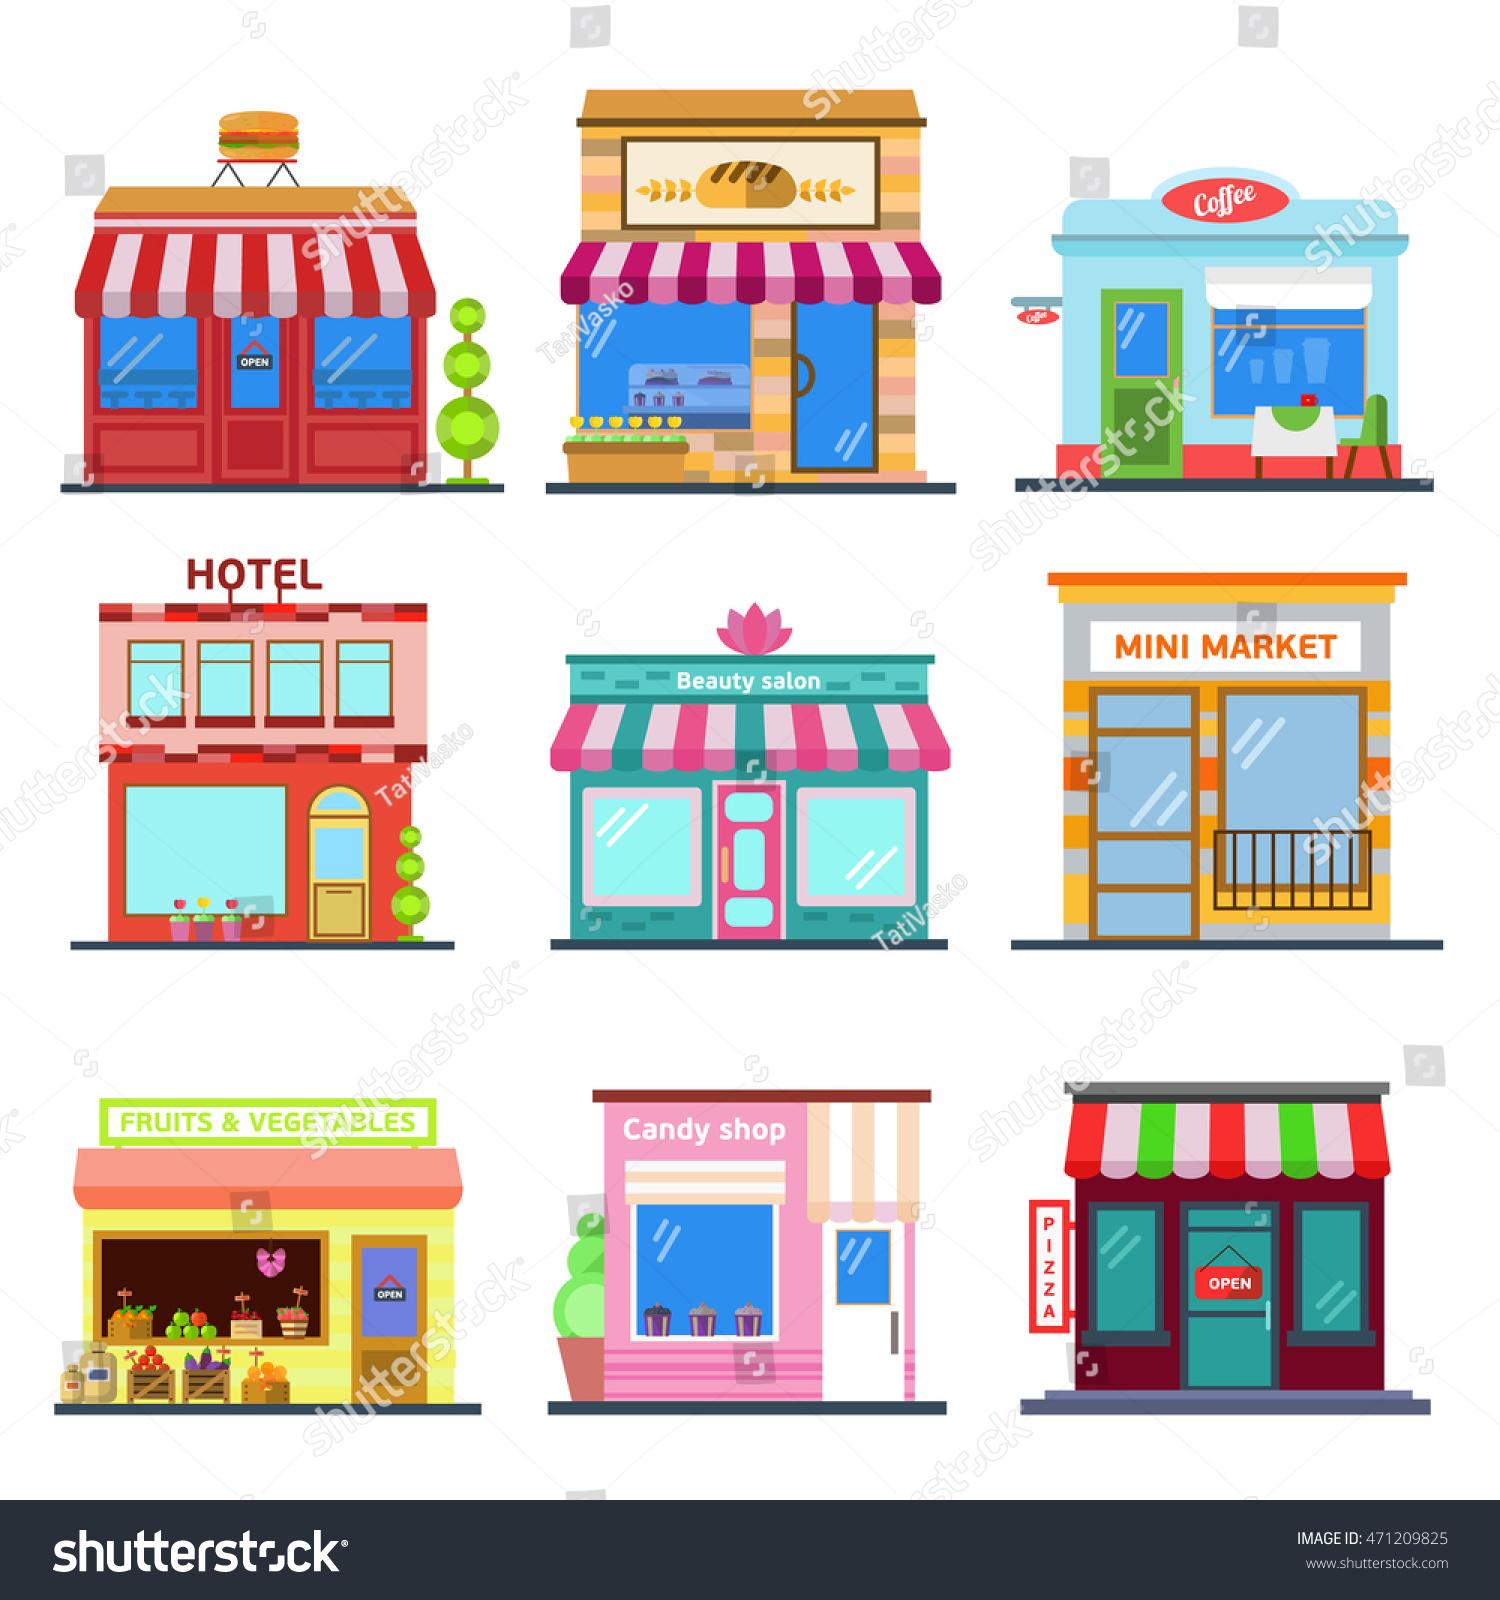 Fancy restaurant buildings clip art - Set Of Flat Design City Public Buildings Restaurants And Shops Facade Icons Pizza